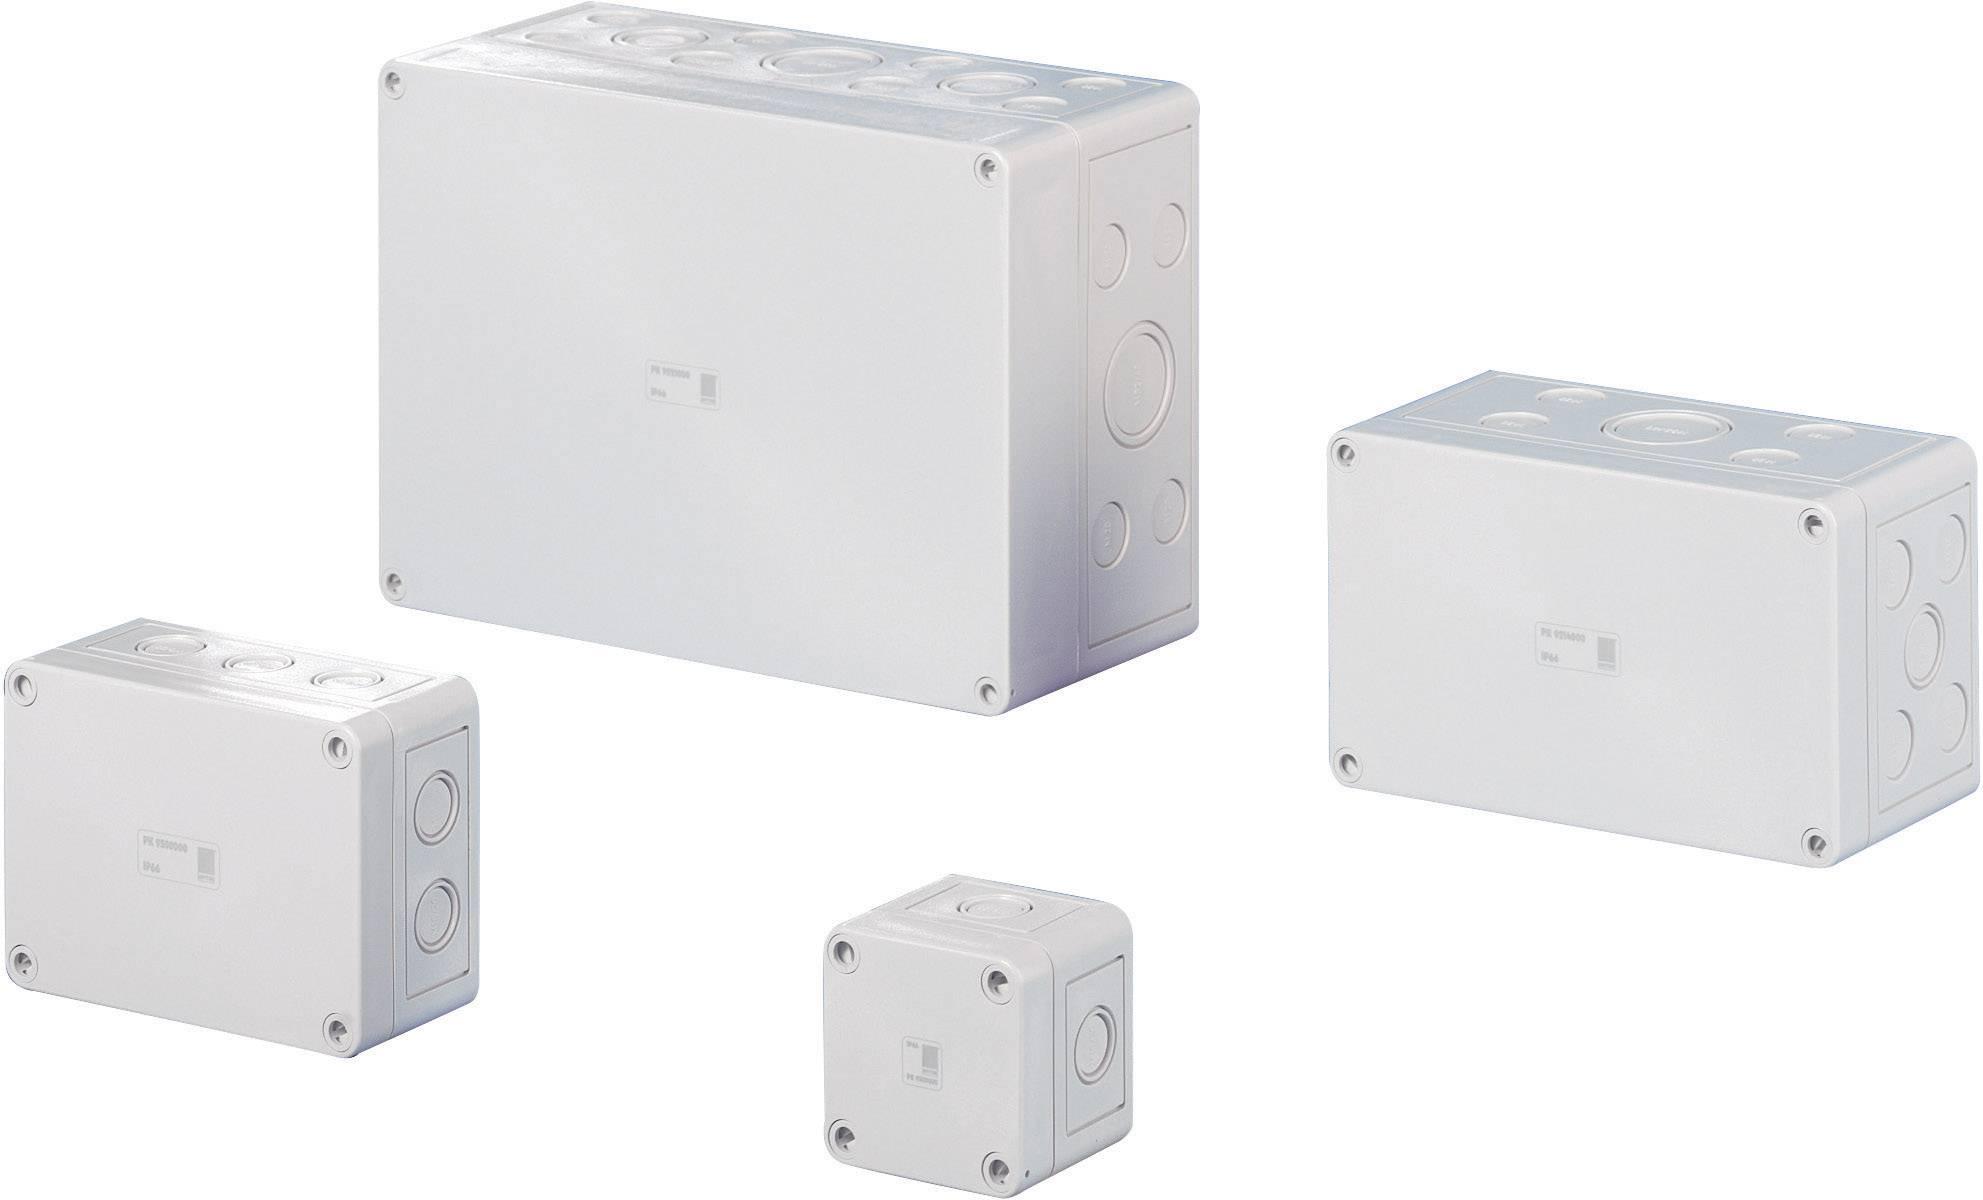 Inštalačná krabička Rittal PC 9508.050, (š x v x h) 130 x 94 x 57 mm, polykarbonát, svetlosivá (RAL 7035), 1 ks